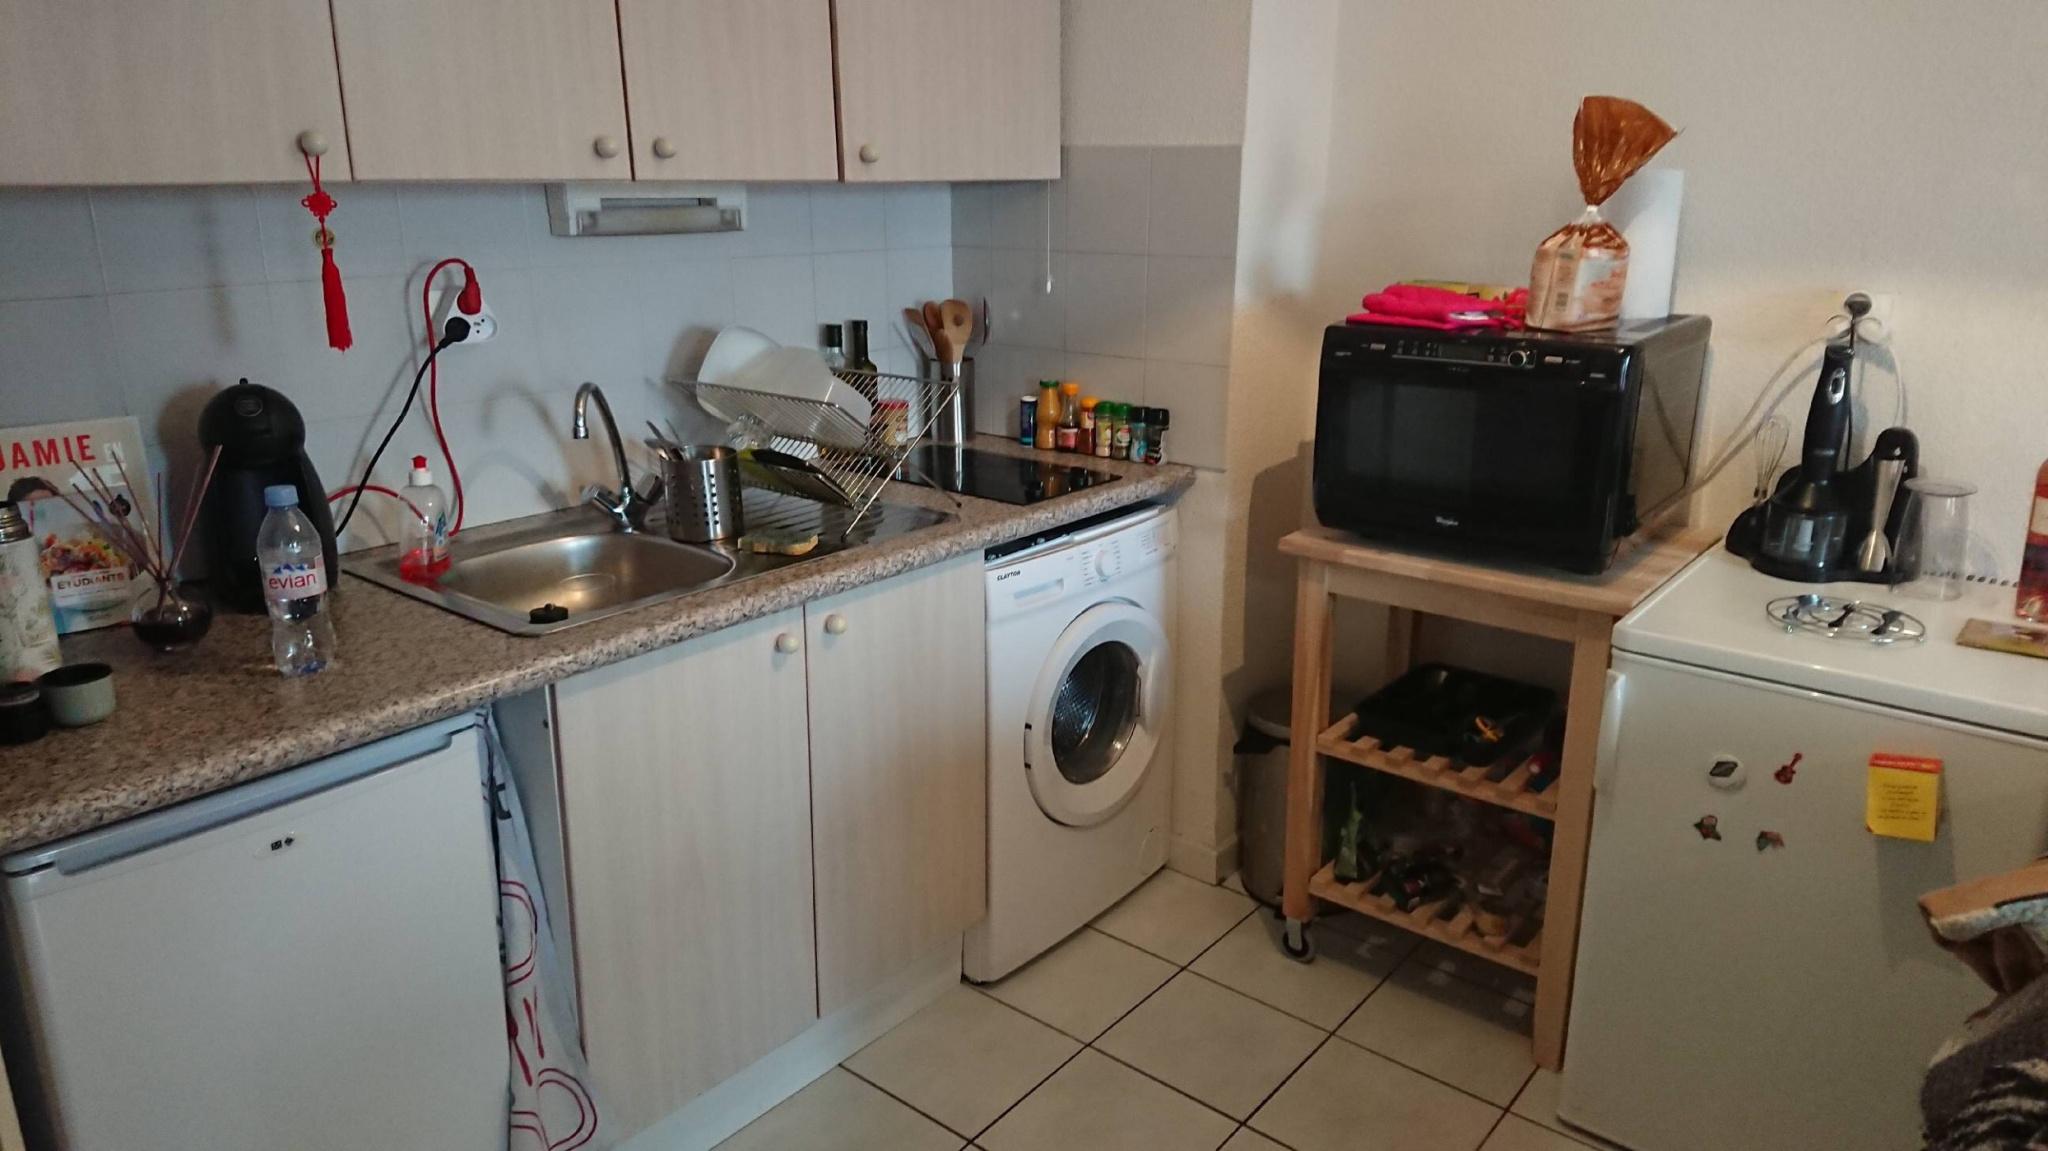 Location a louer t1 bis meuble toulouse centre all es jean jaures - Appartement a louer meuble toulouse ...